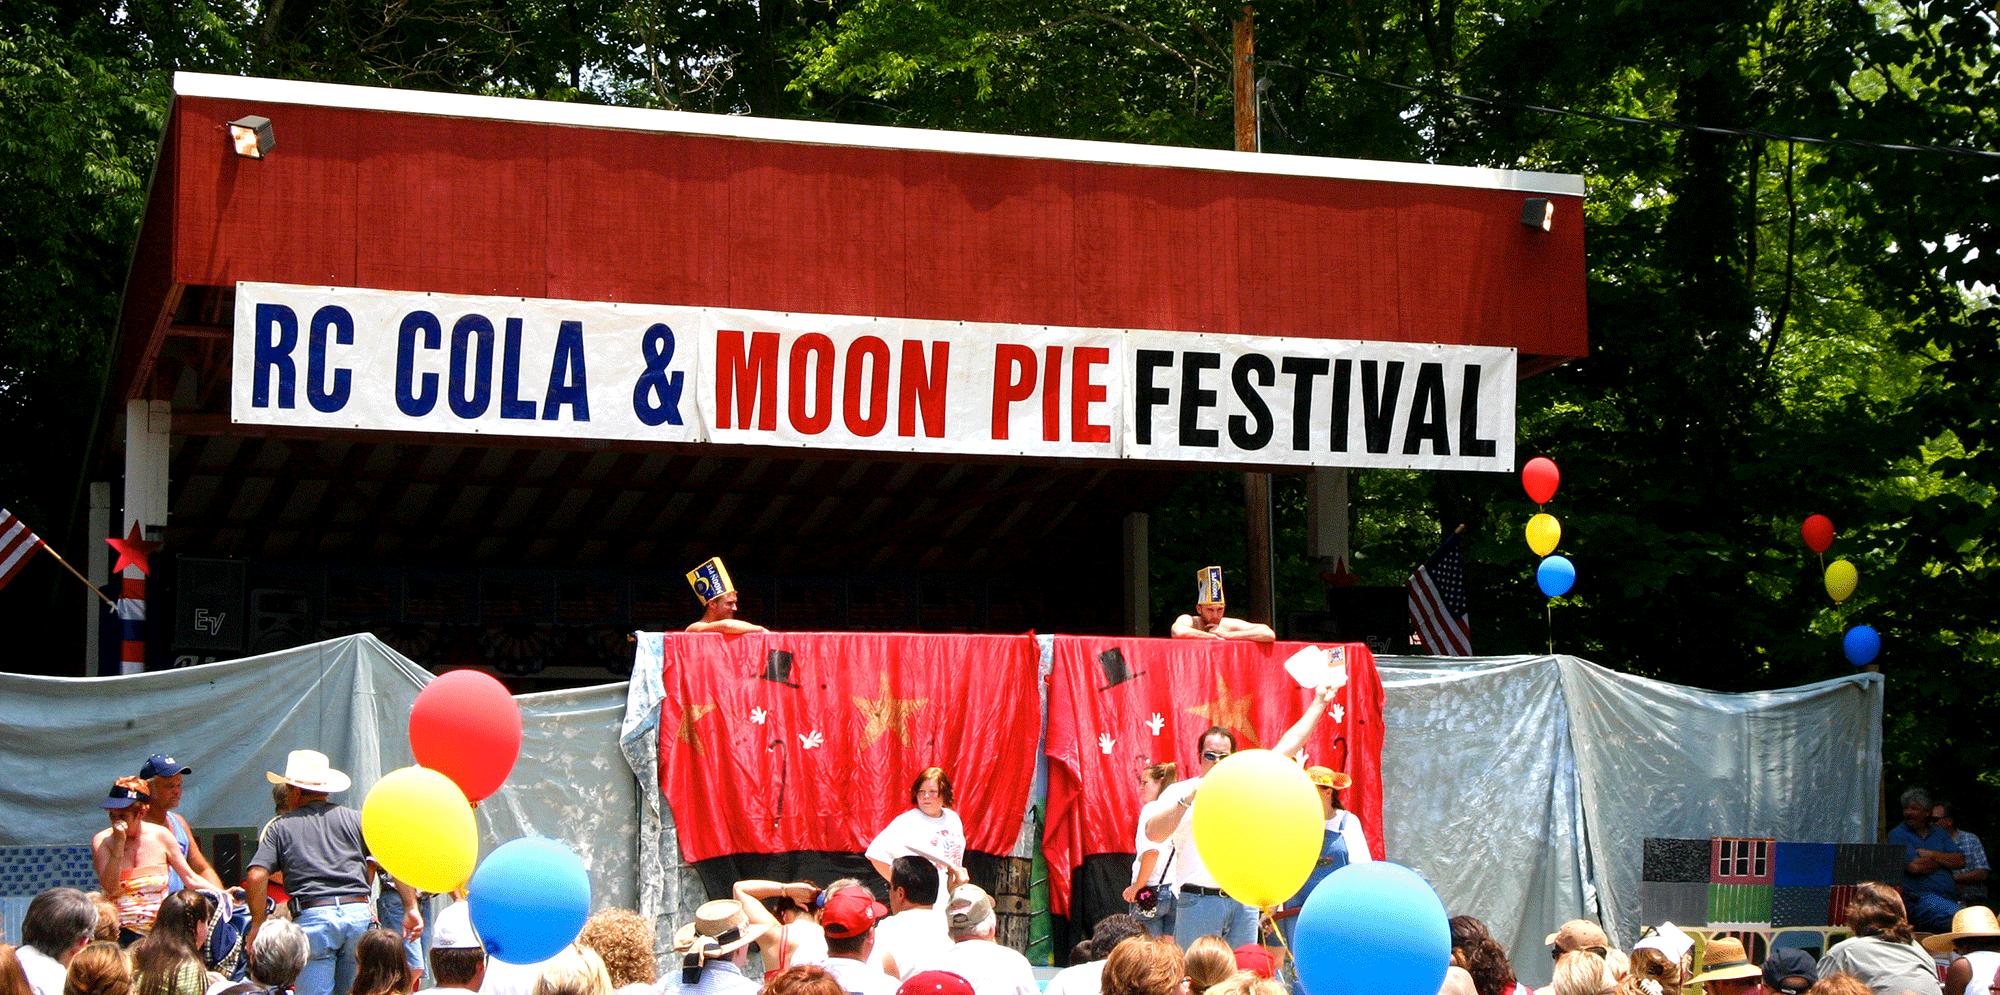 Le RC Cola & Monn Pie Festival de Bell Buckle en 2008Crédits